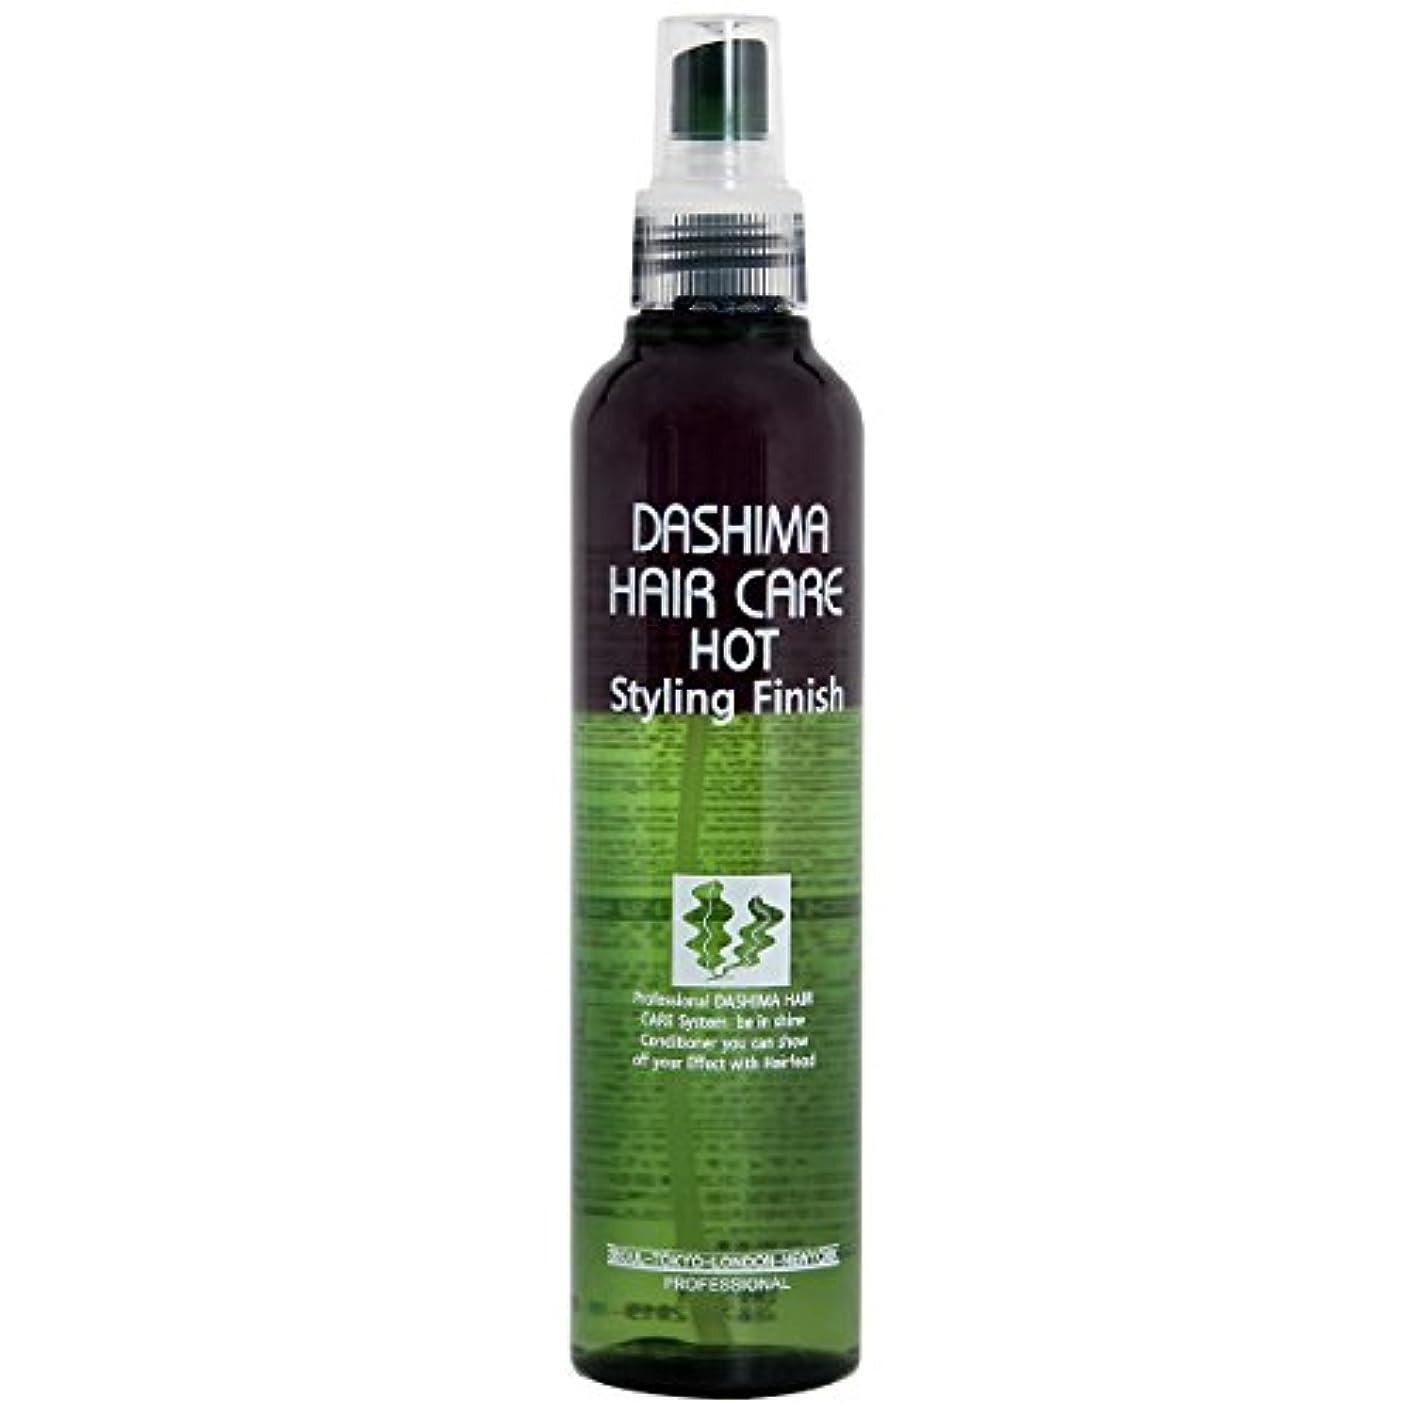 記憶に残る労苦論争的ダシマヘアケアハッスタイルリングピニスィ250ml(DASHIMA HAIR CARE Hot Styling Finish 250ml)